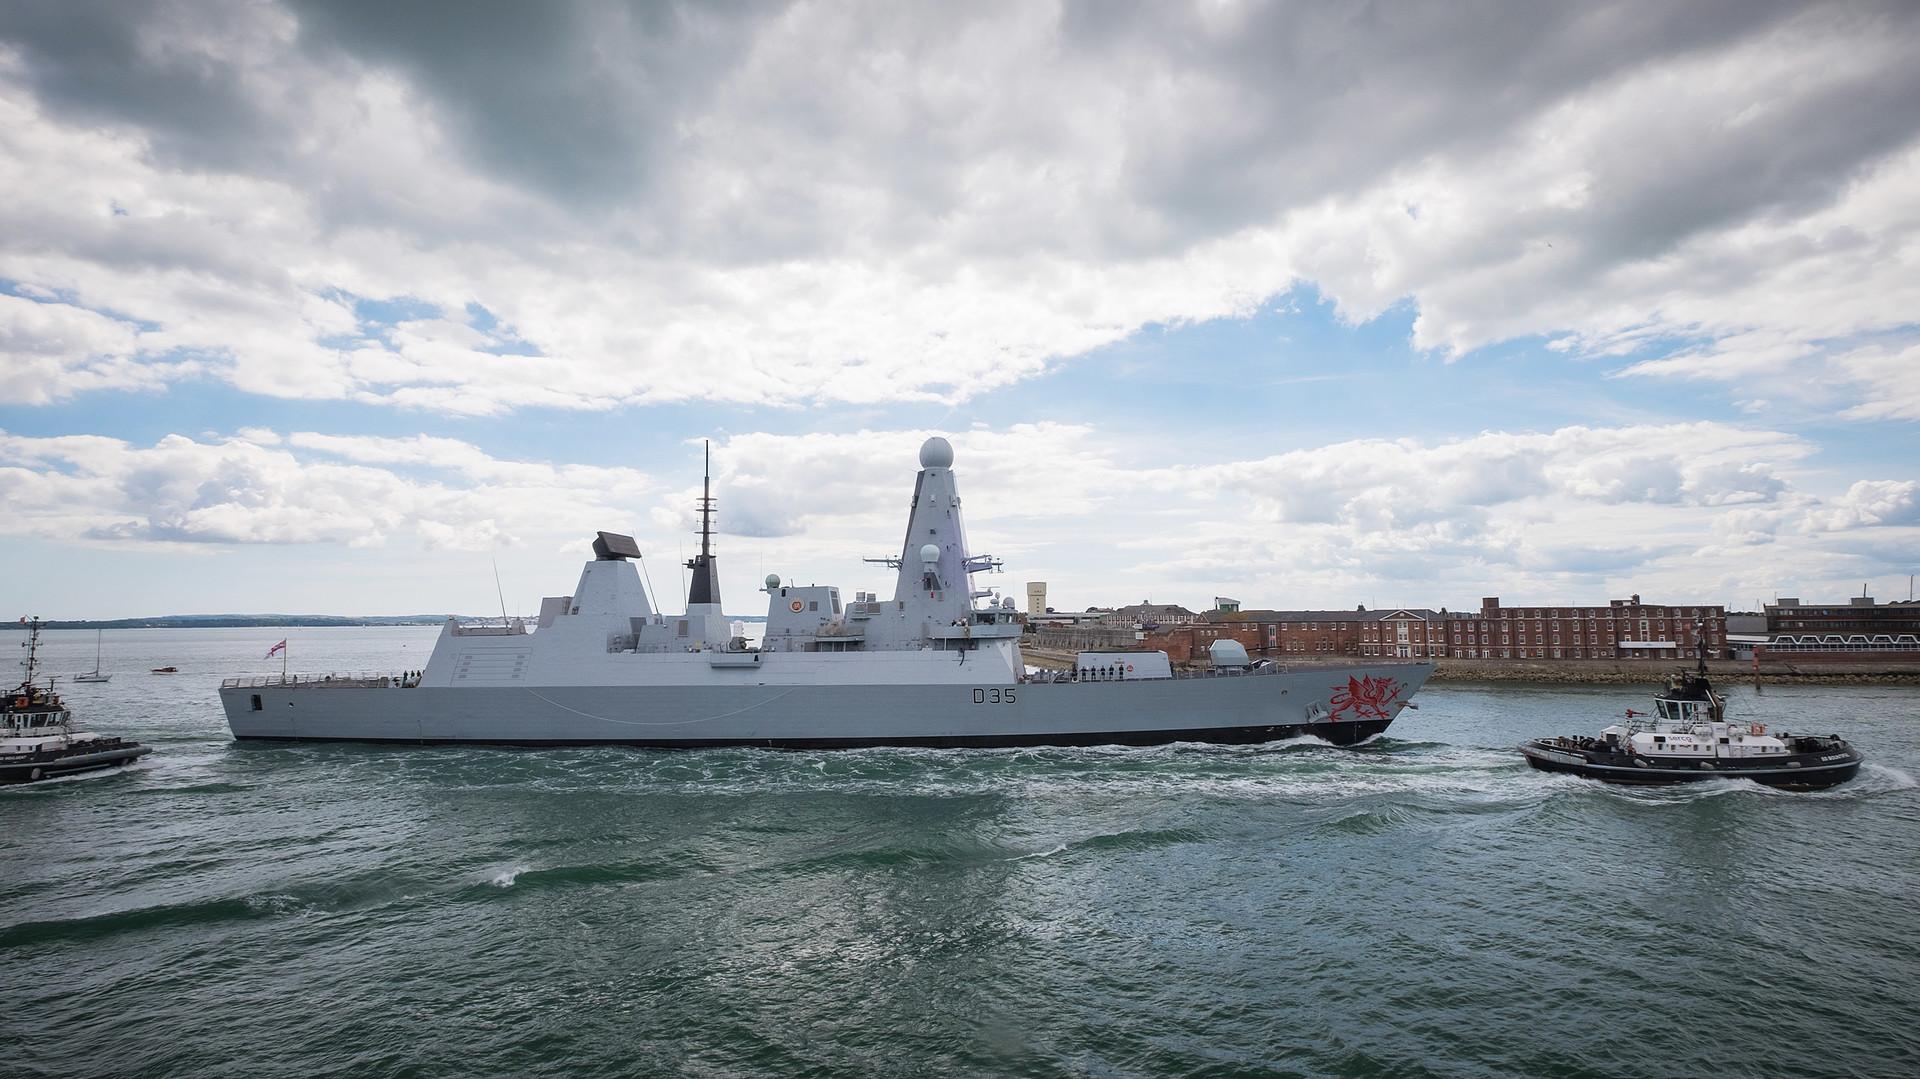 «Коробка с гаечными ключами»: сможет ли новая военная техника Британии защитить страну